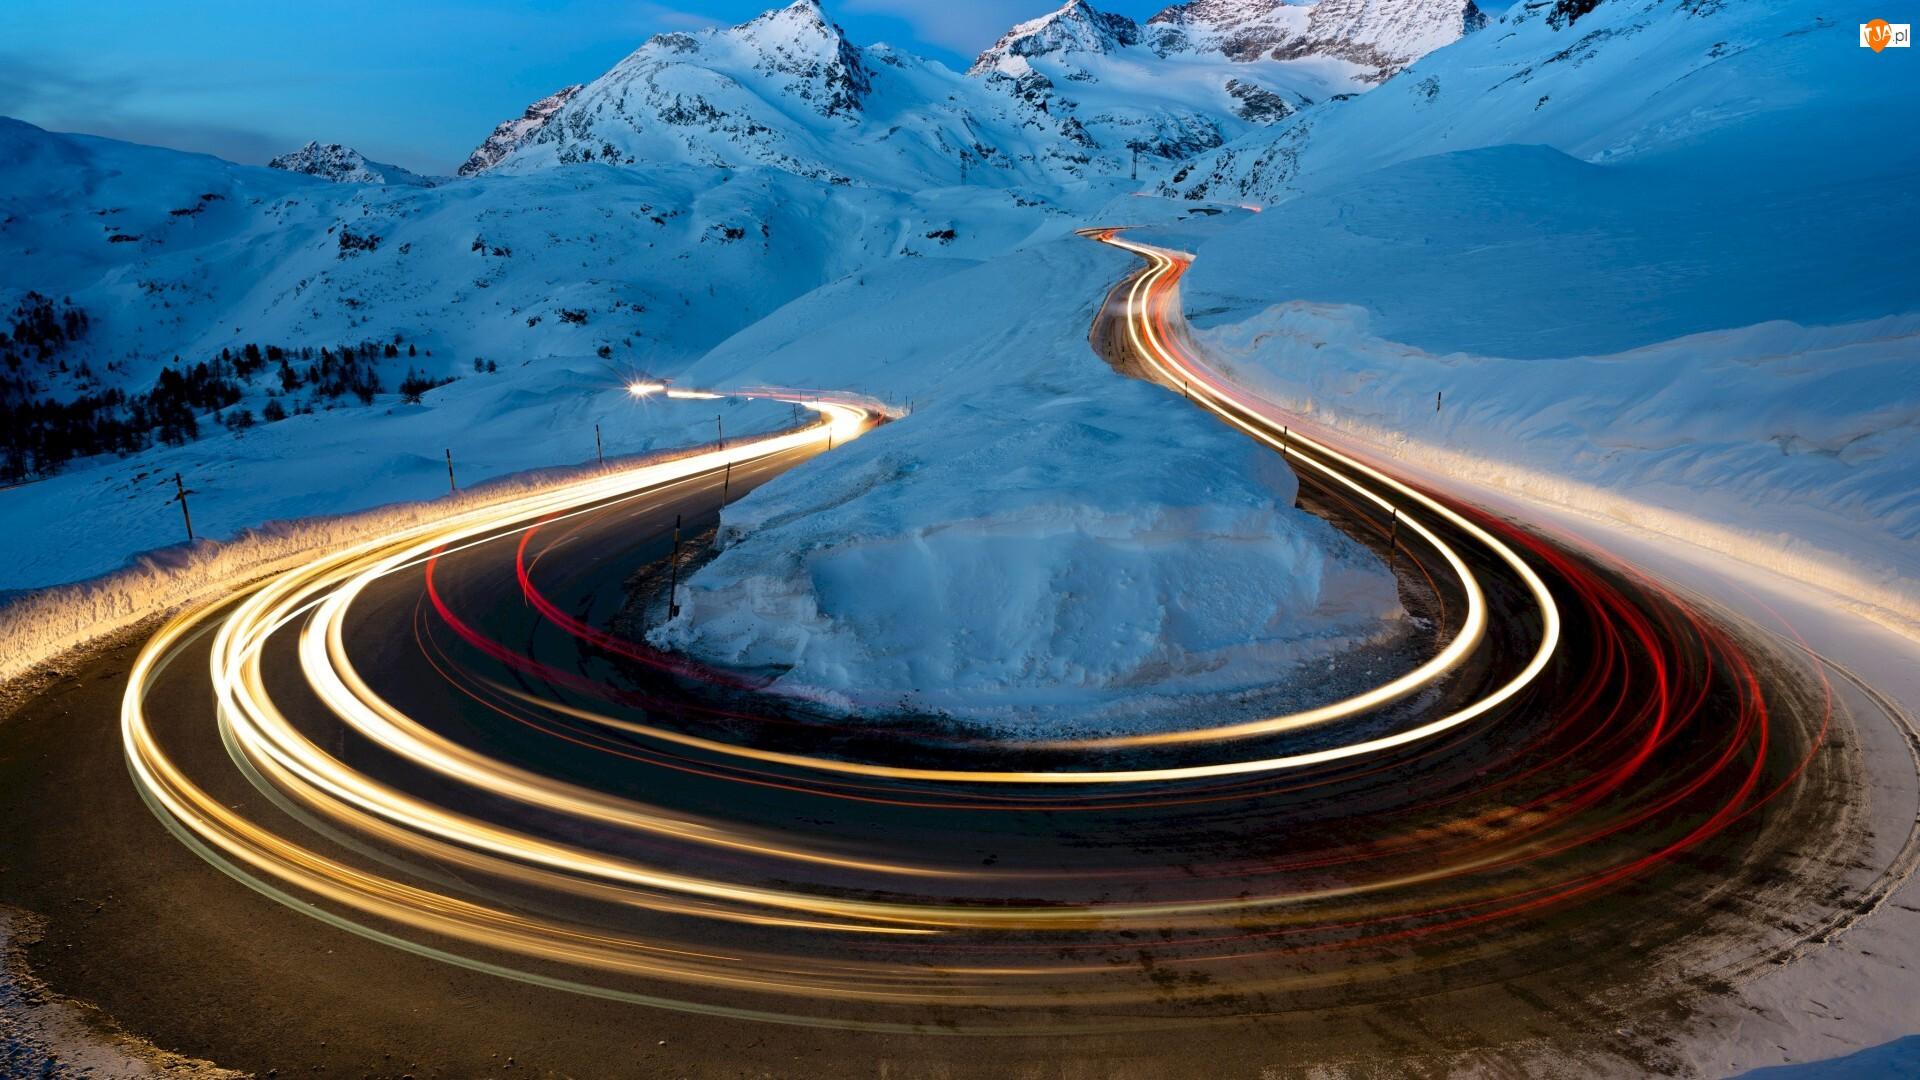 Droga, Światła, Góry, Zima, Zakręt